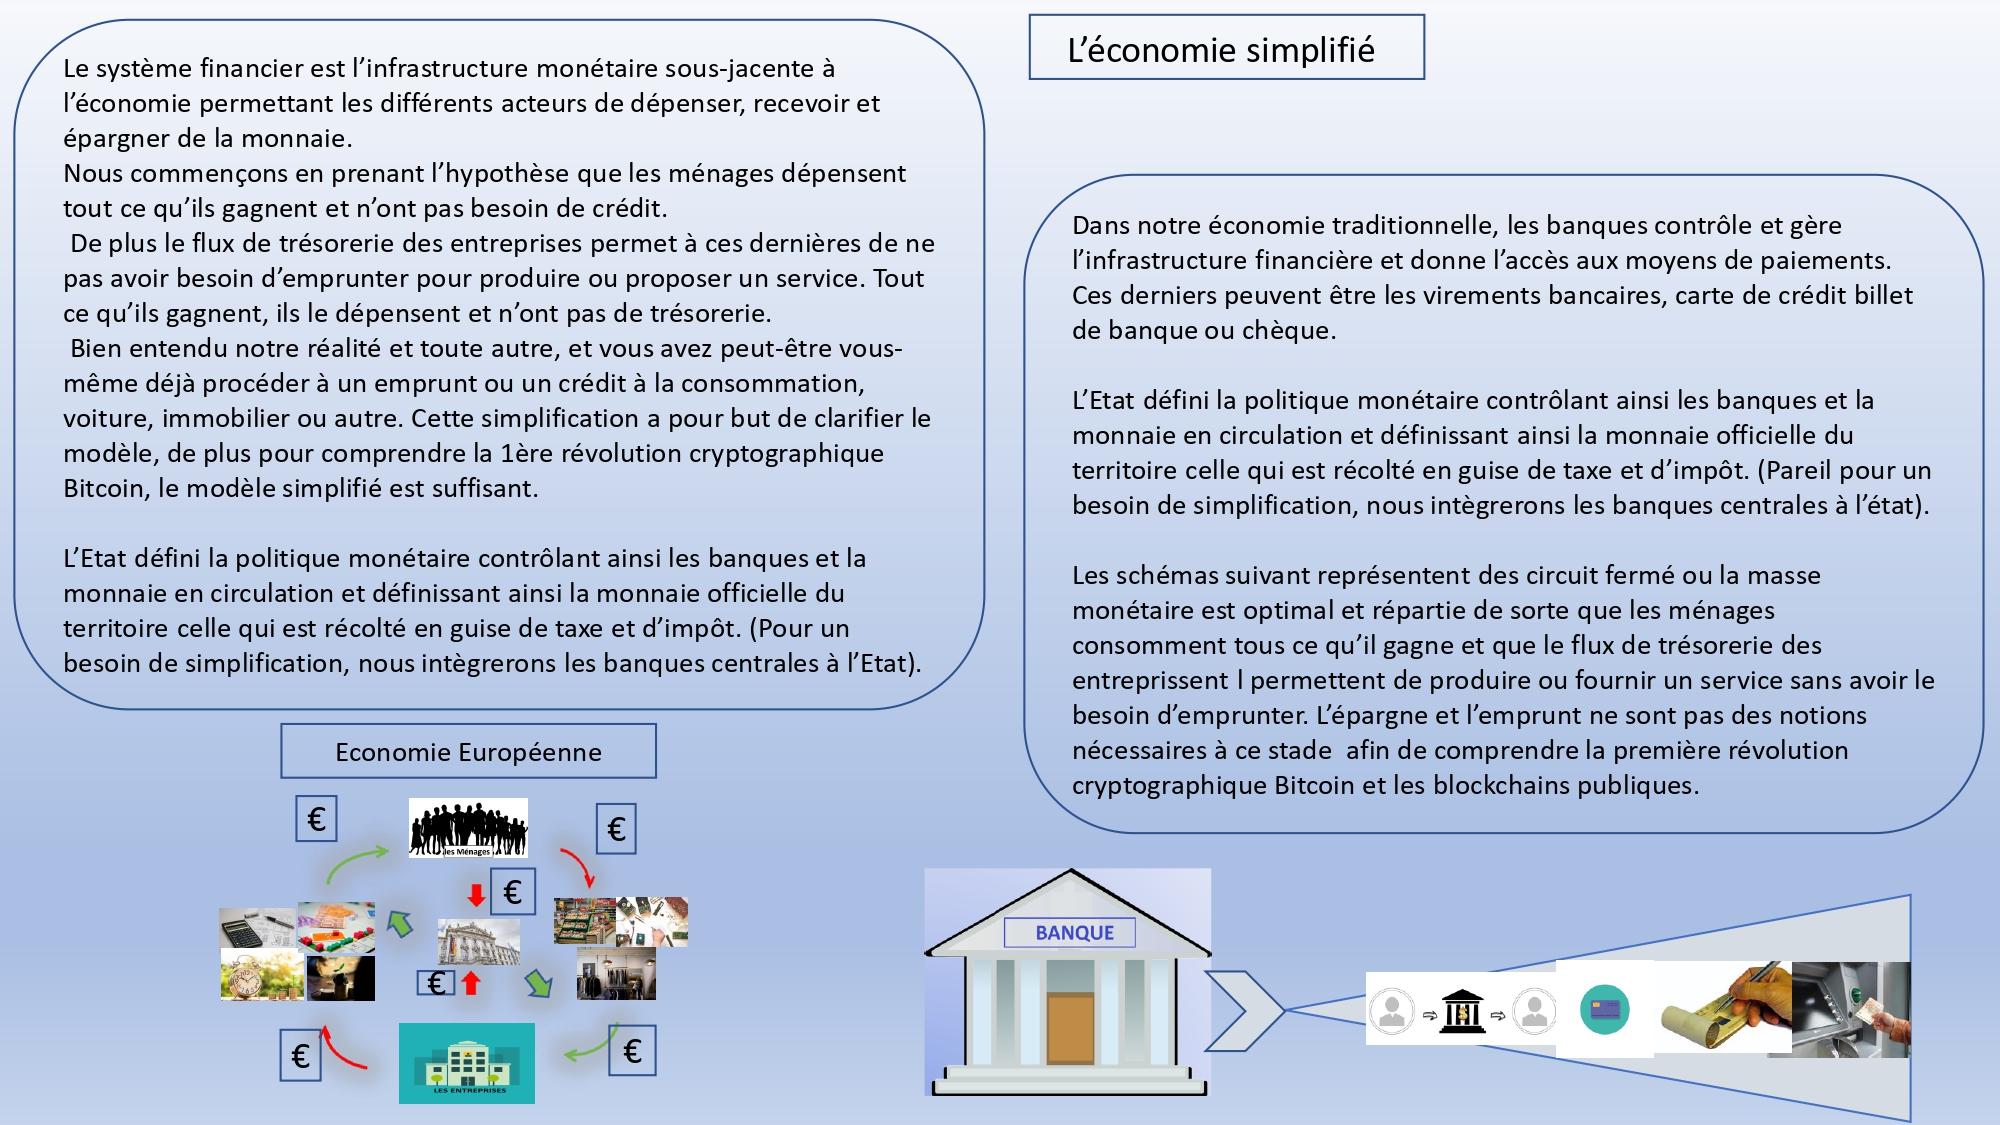 L'économie simplié